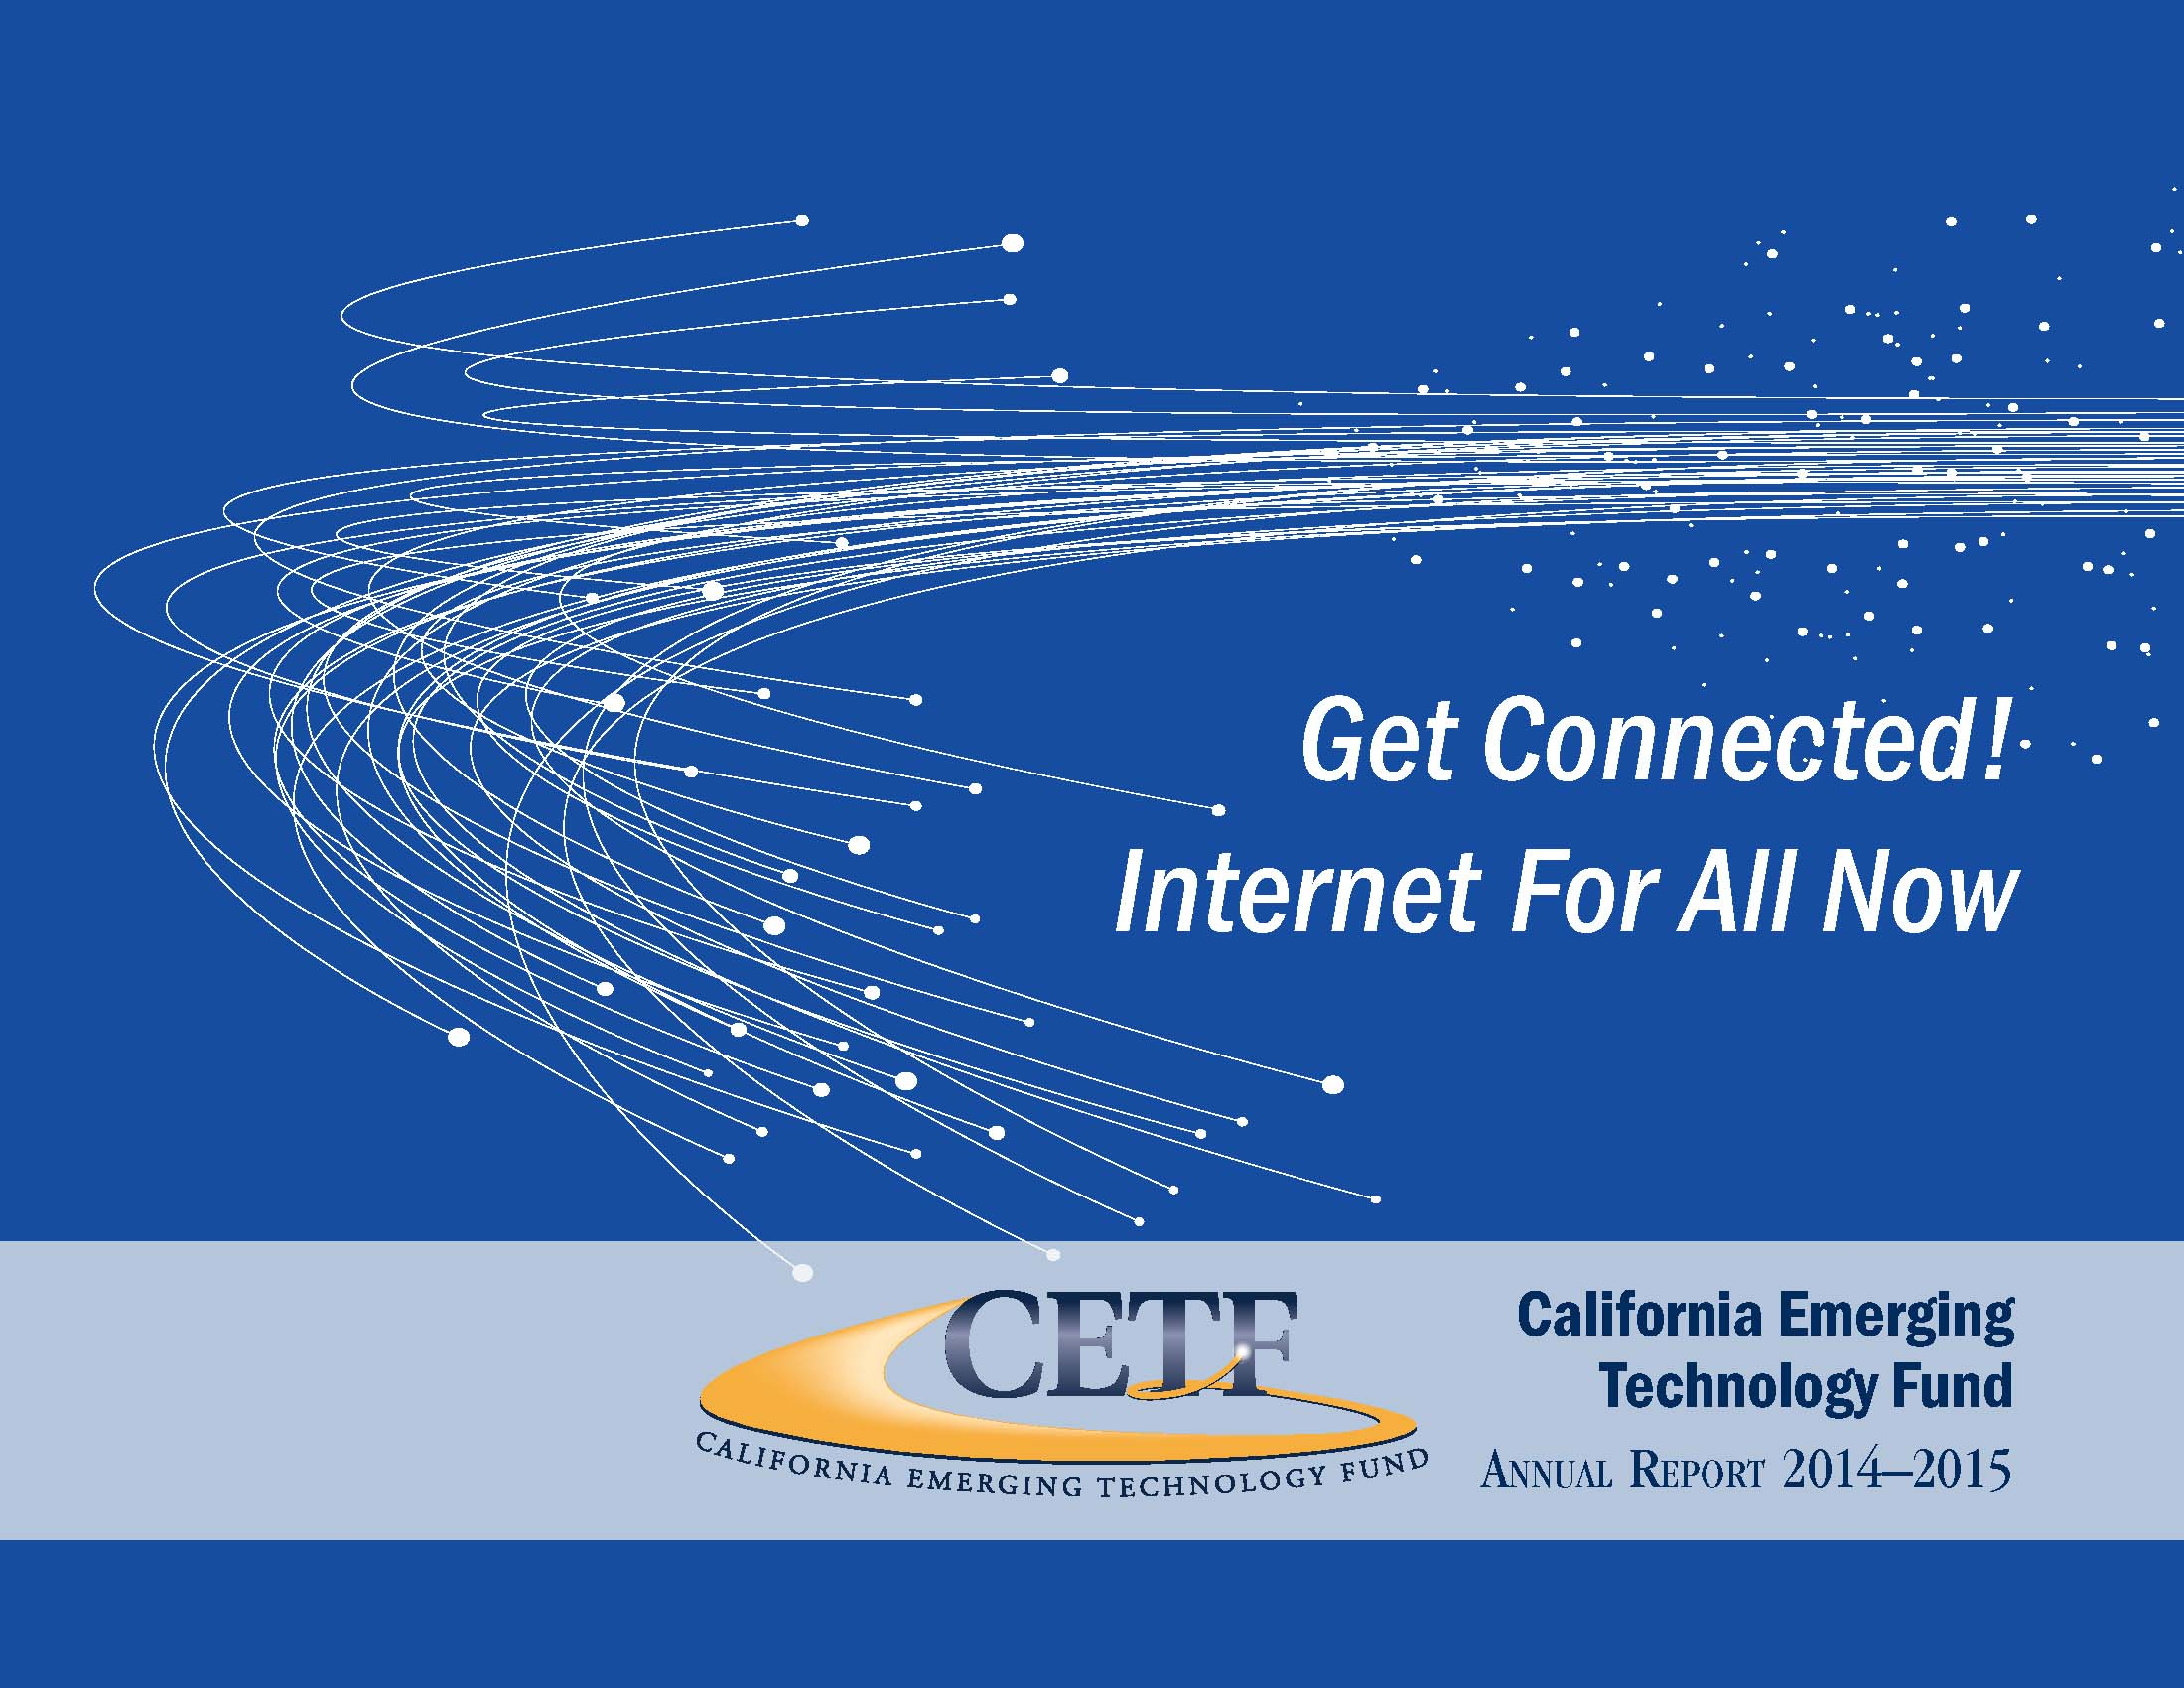 CETF Annual Report 2014-2015